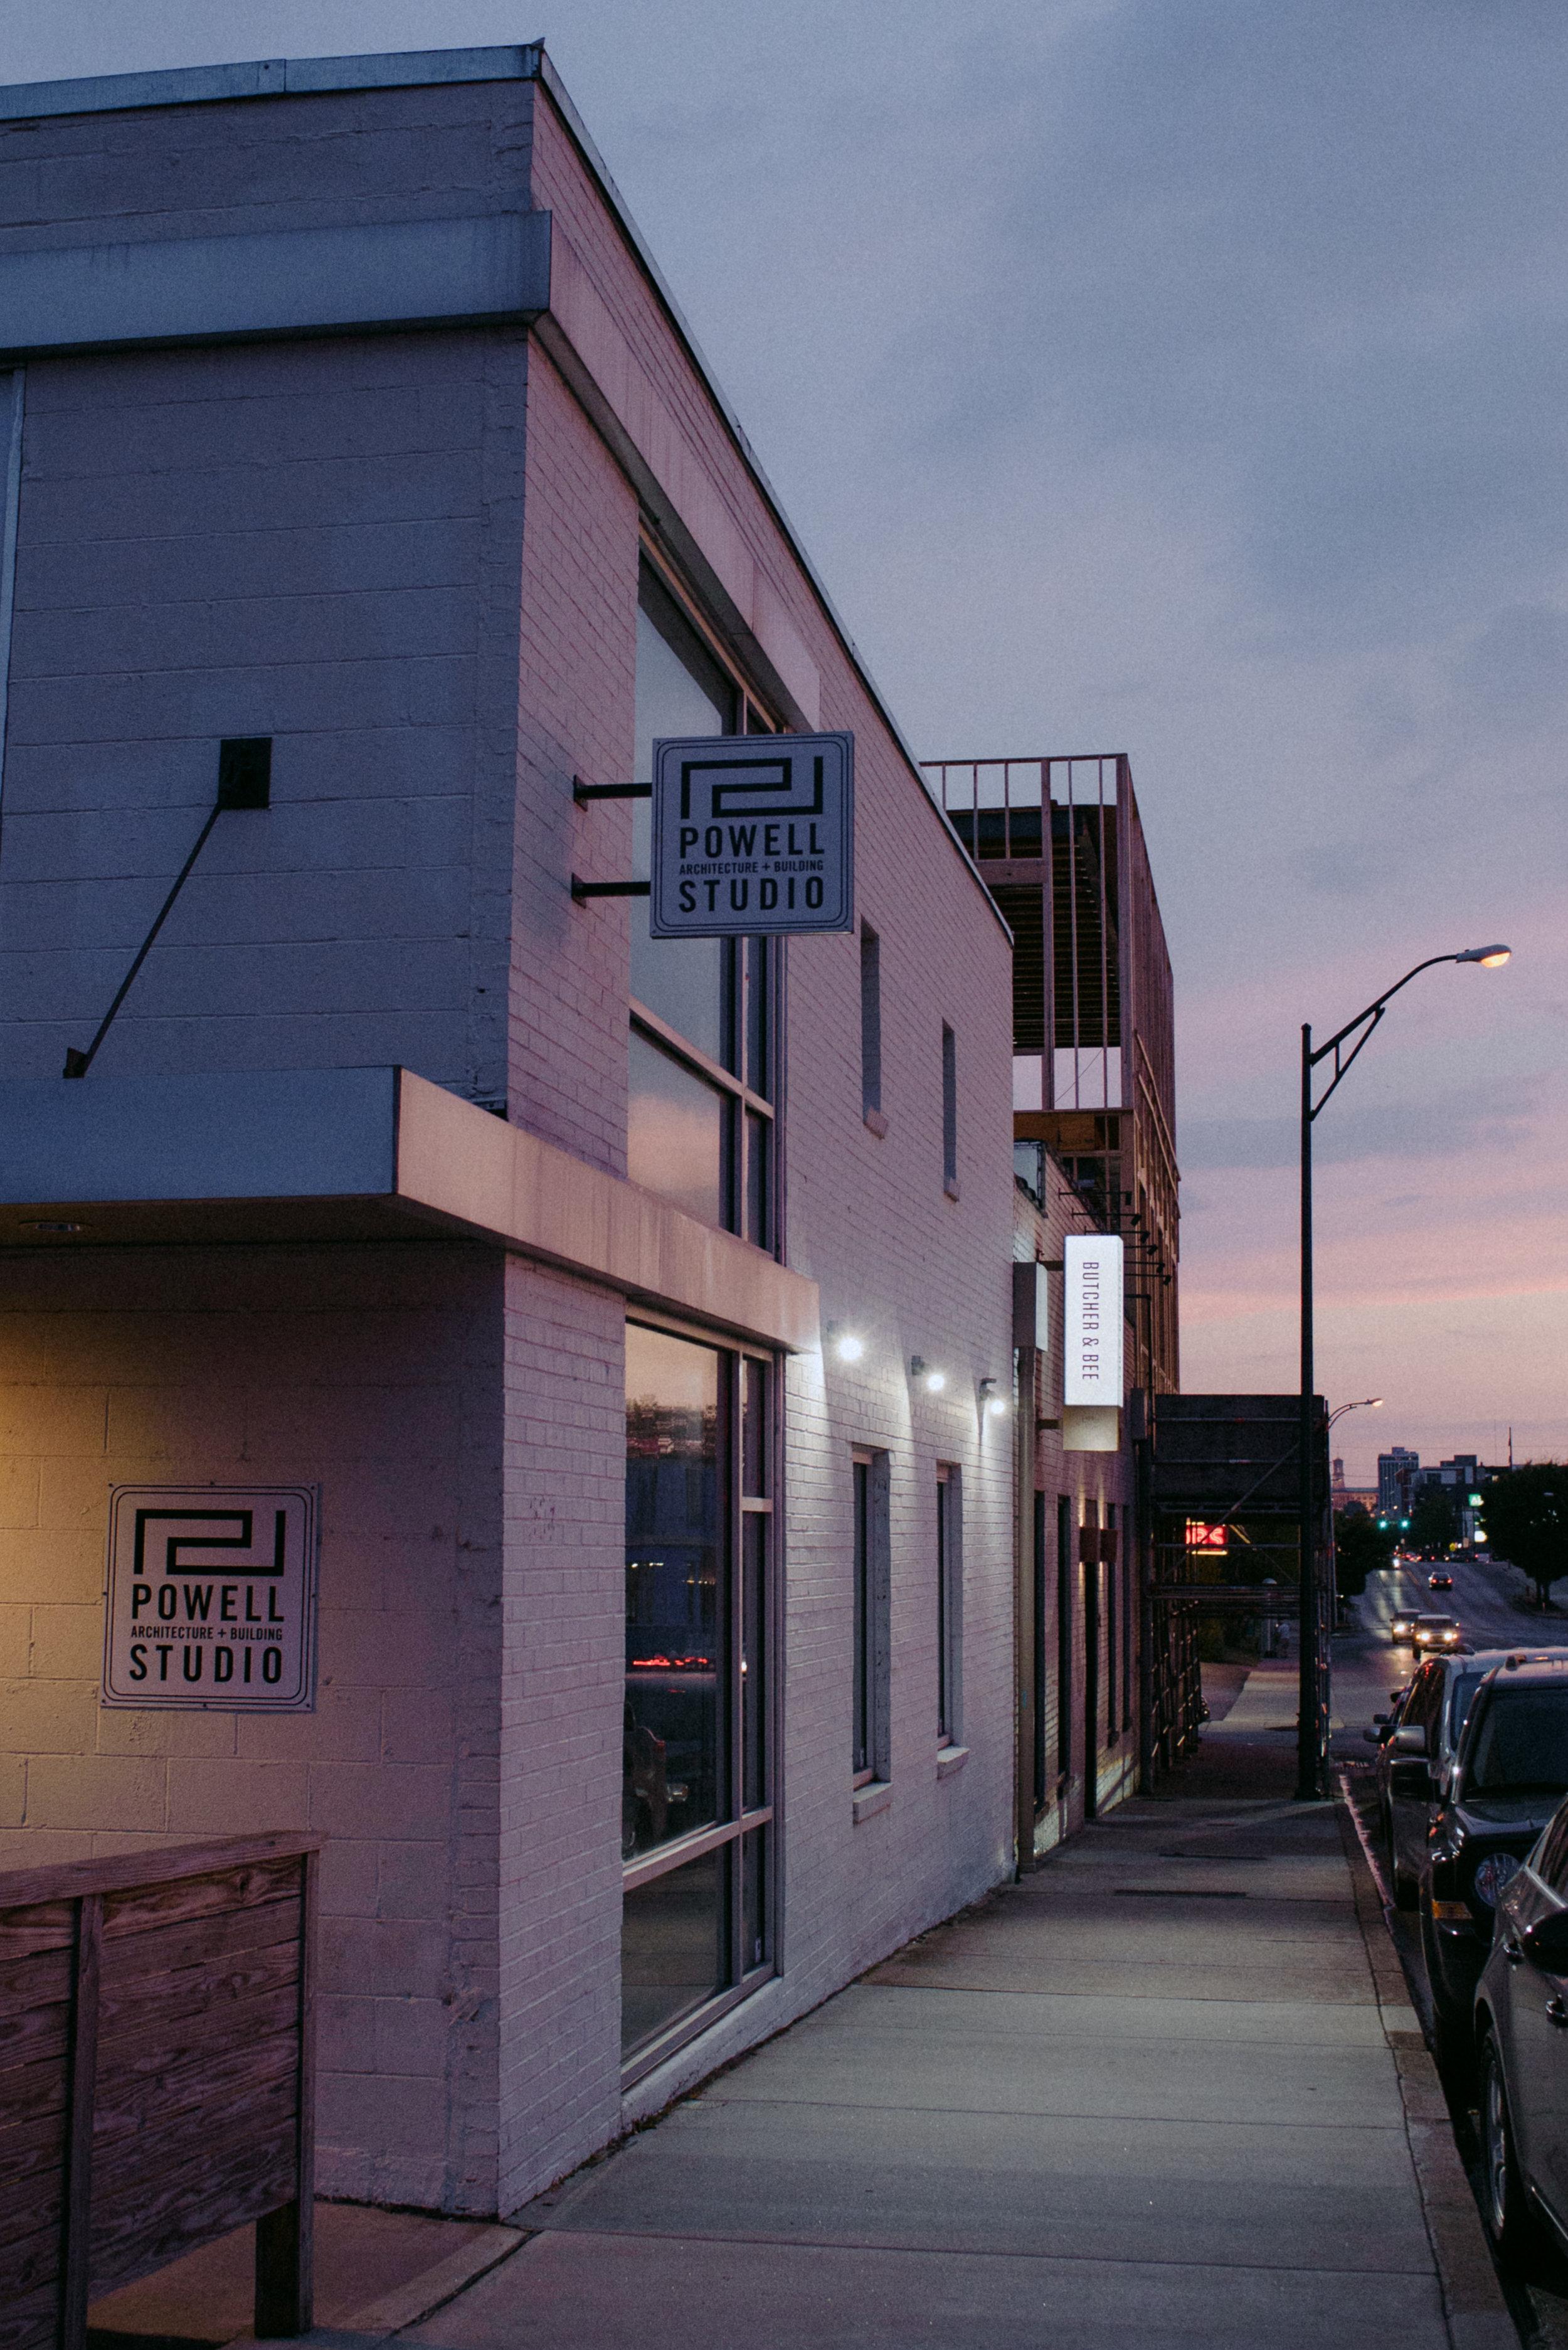 East-Nashville-Powell-2.jpg